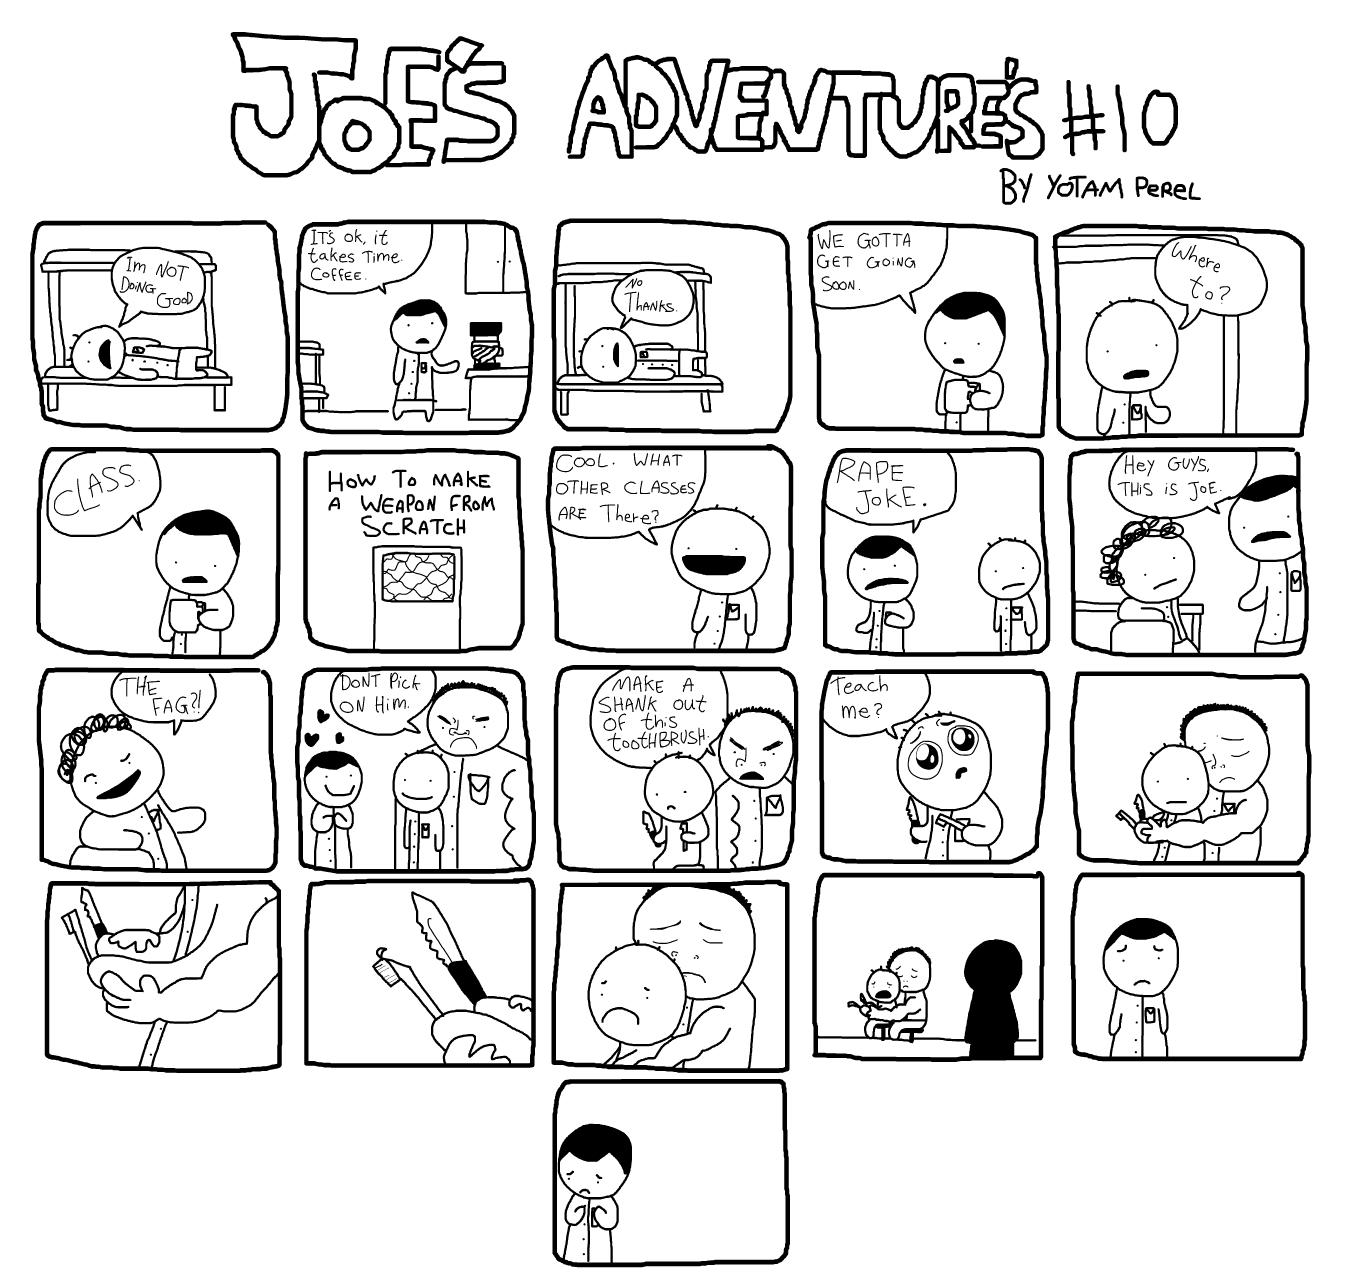 Joe's Adventures 10